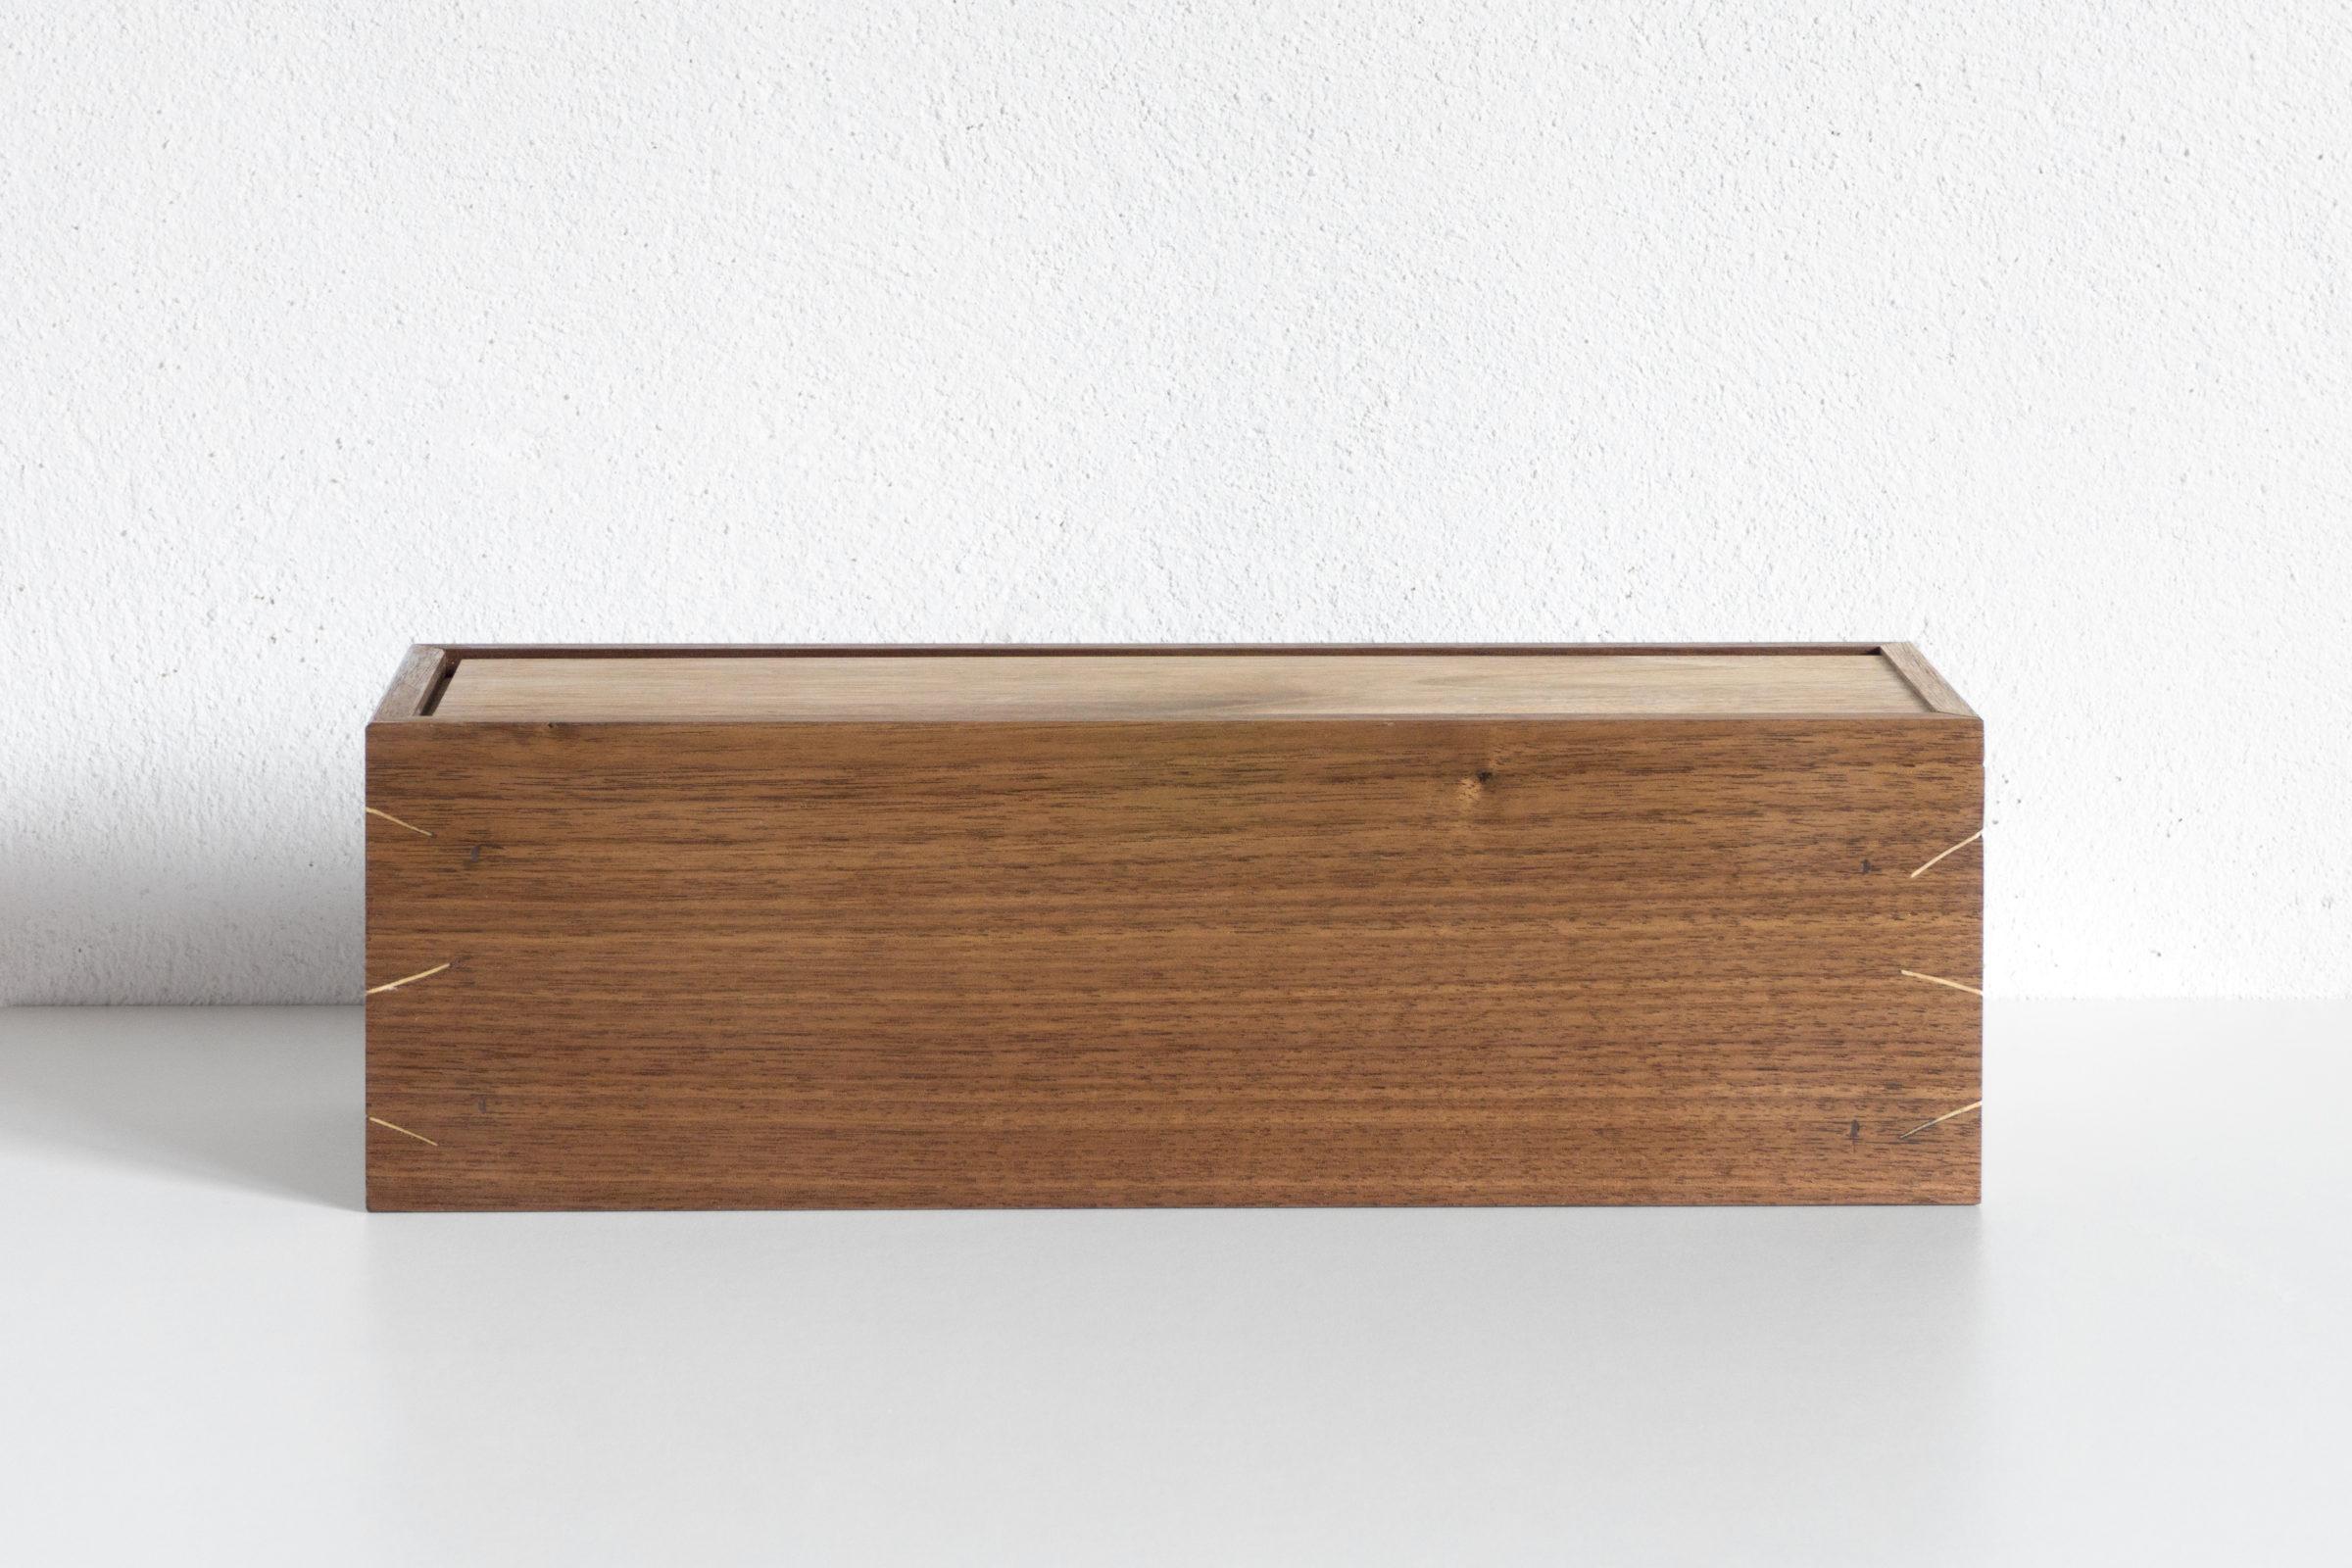 Schatulle, Massivholzmöbel handgemacht, Hochwertige Möbel aus Massivholz, Holzoberflächen handgehobelt, Einzelmöbelstücke, The Trees of Lif